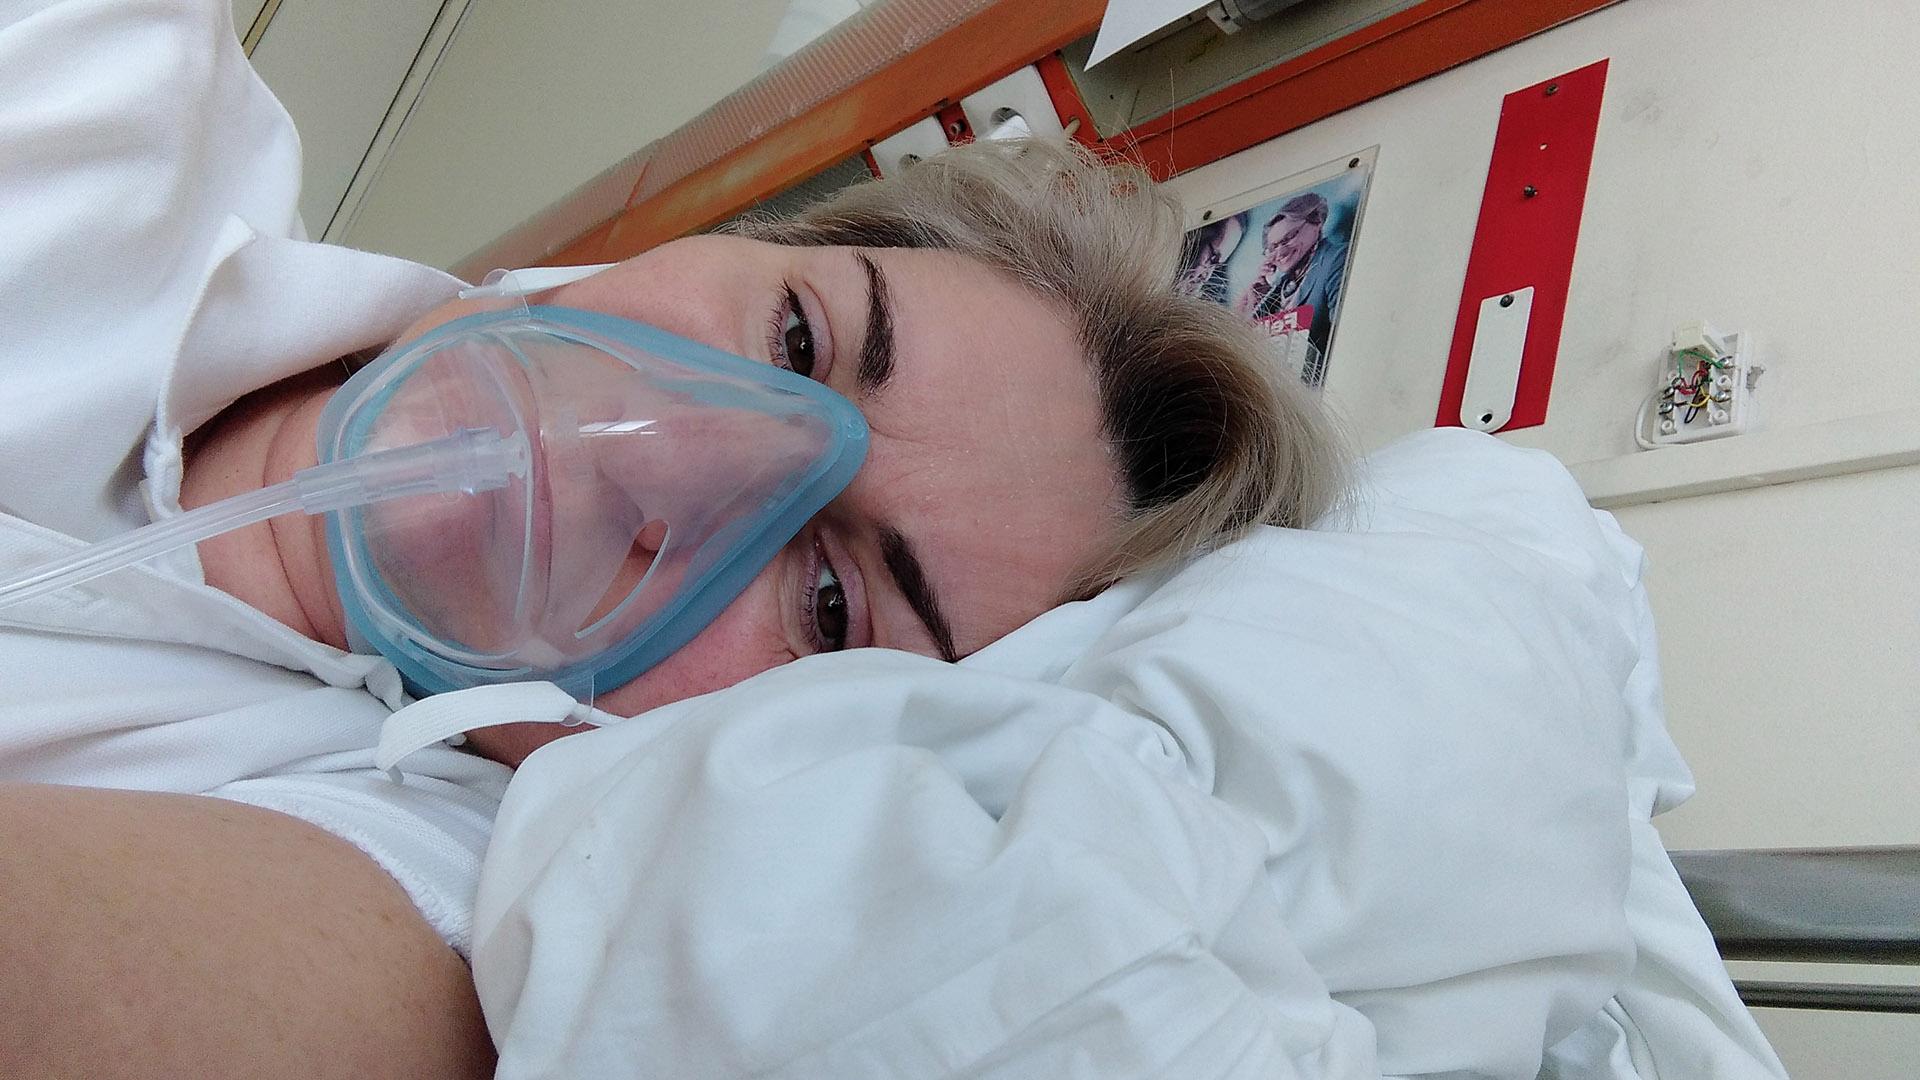 arcizombénulás belicza bea COVID-19 családi ügyek gumikesztyű gyorsteszt kínai oltás koronavírus láz lélegeztetőgép maszk náthaszerű tünetek neurológiai betegség rózsa beáta szemideggyulladás szívbetegség születésnap temetés